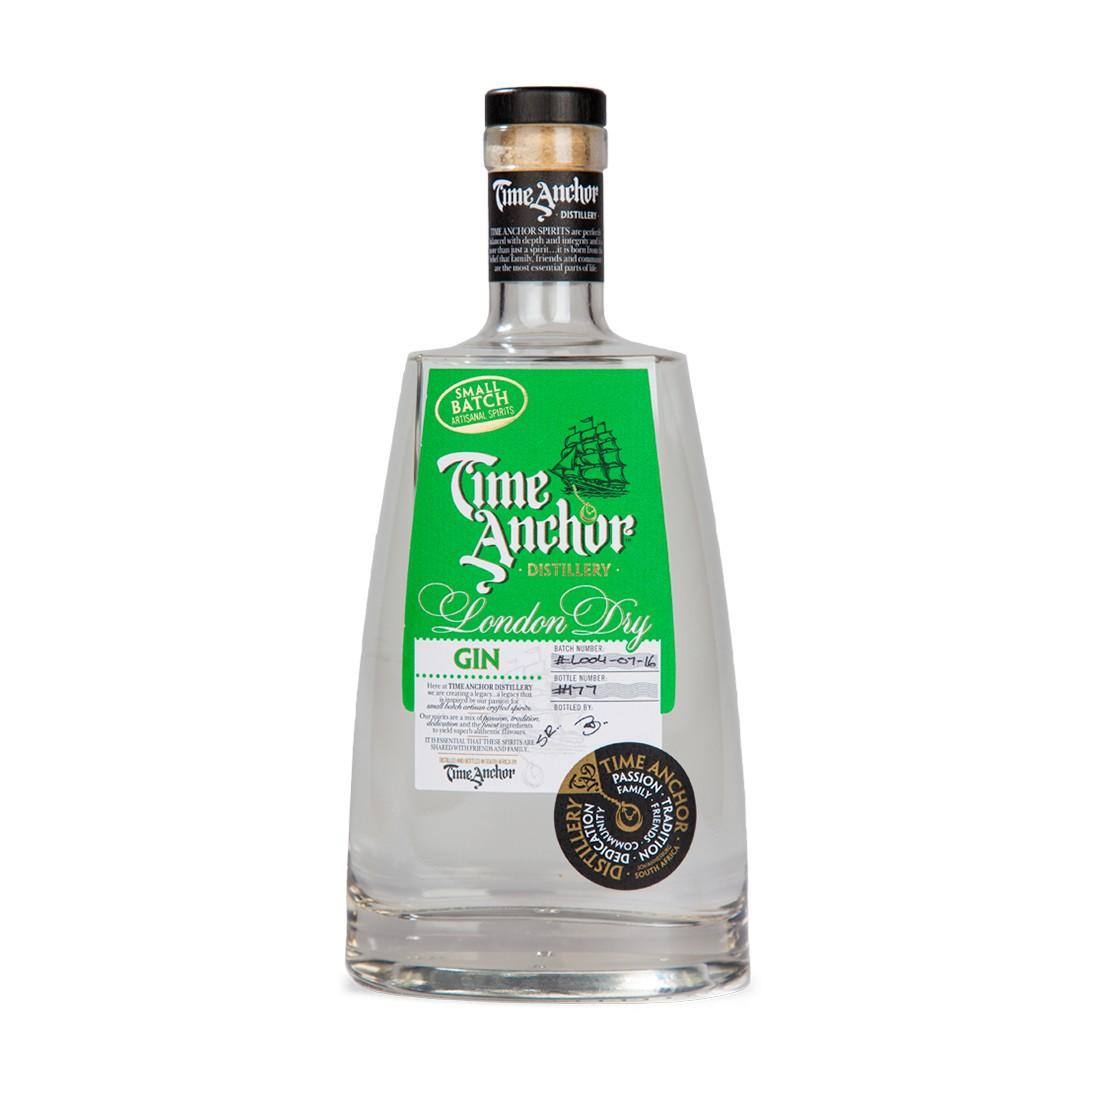 Time Anchor Distillery Gin